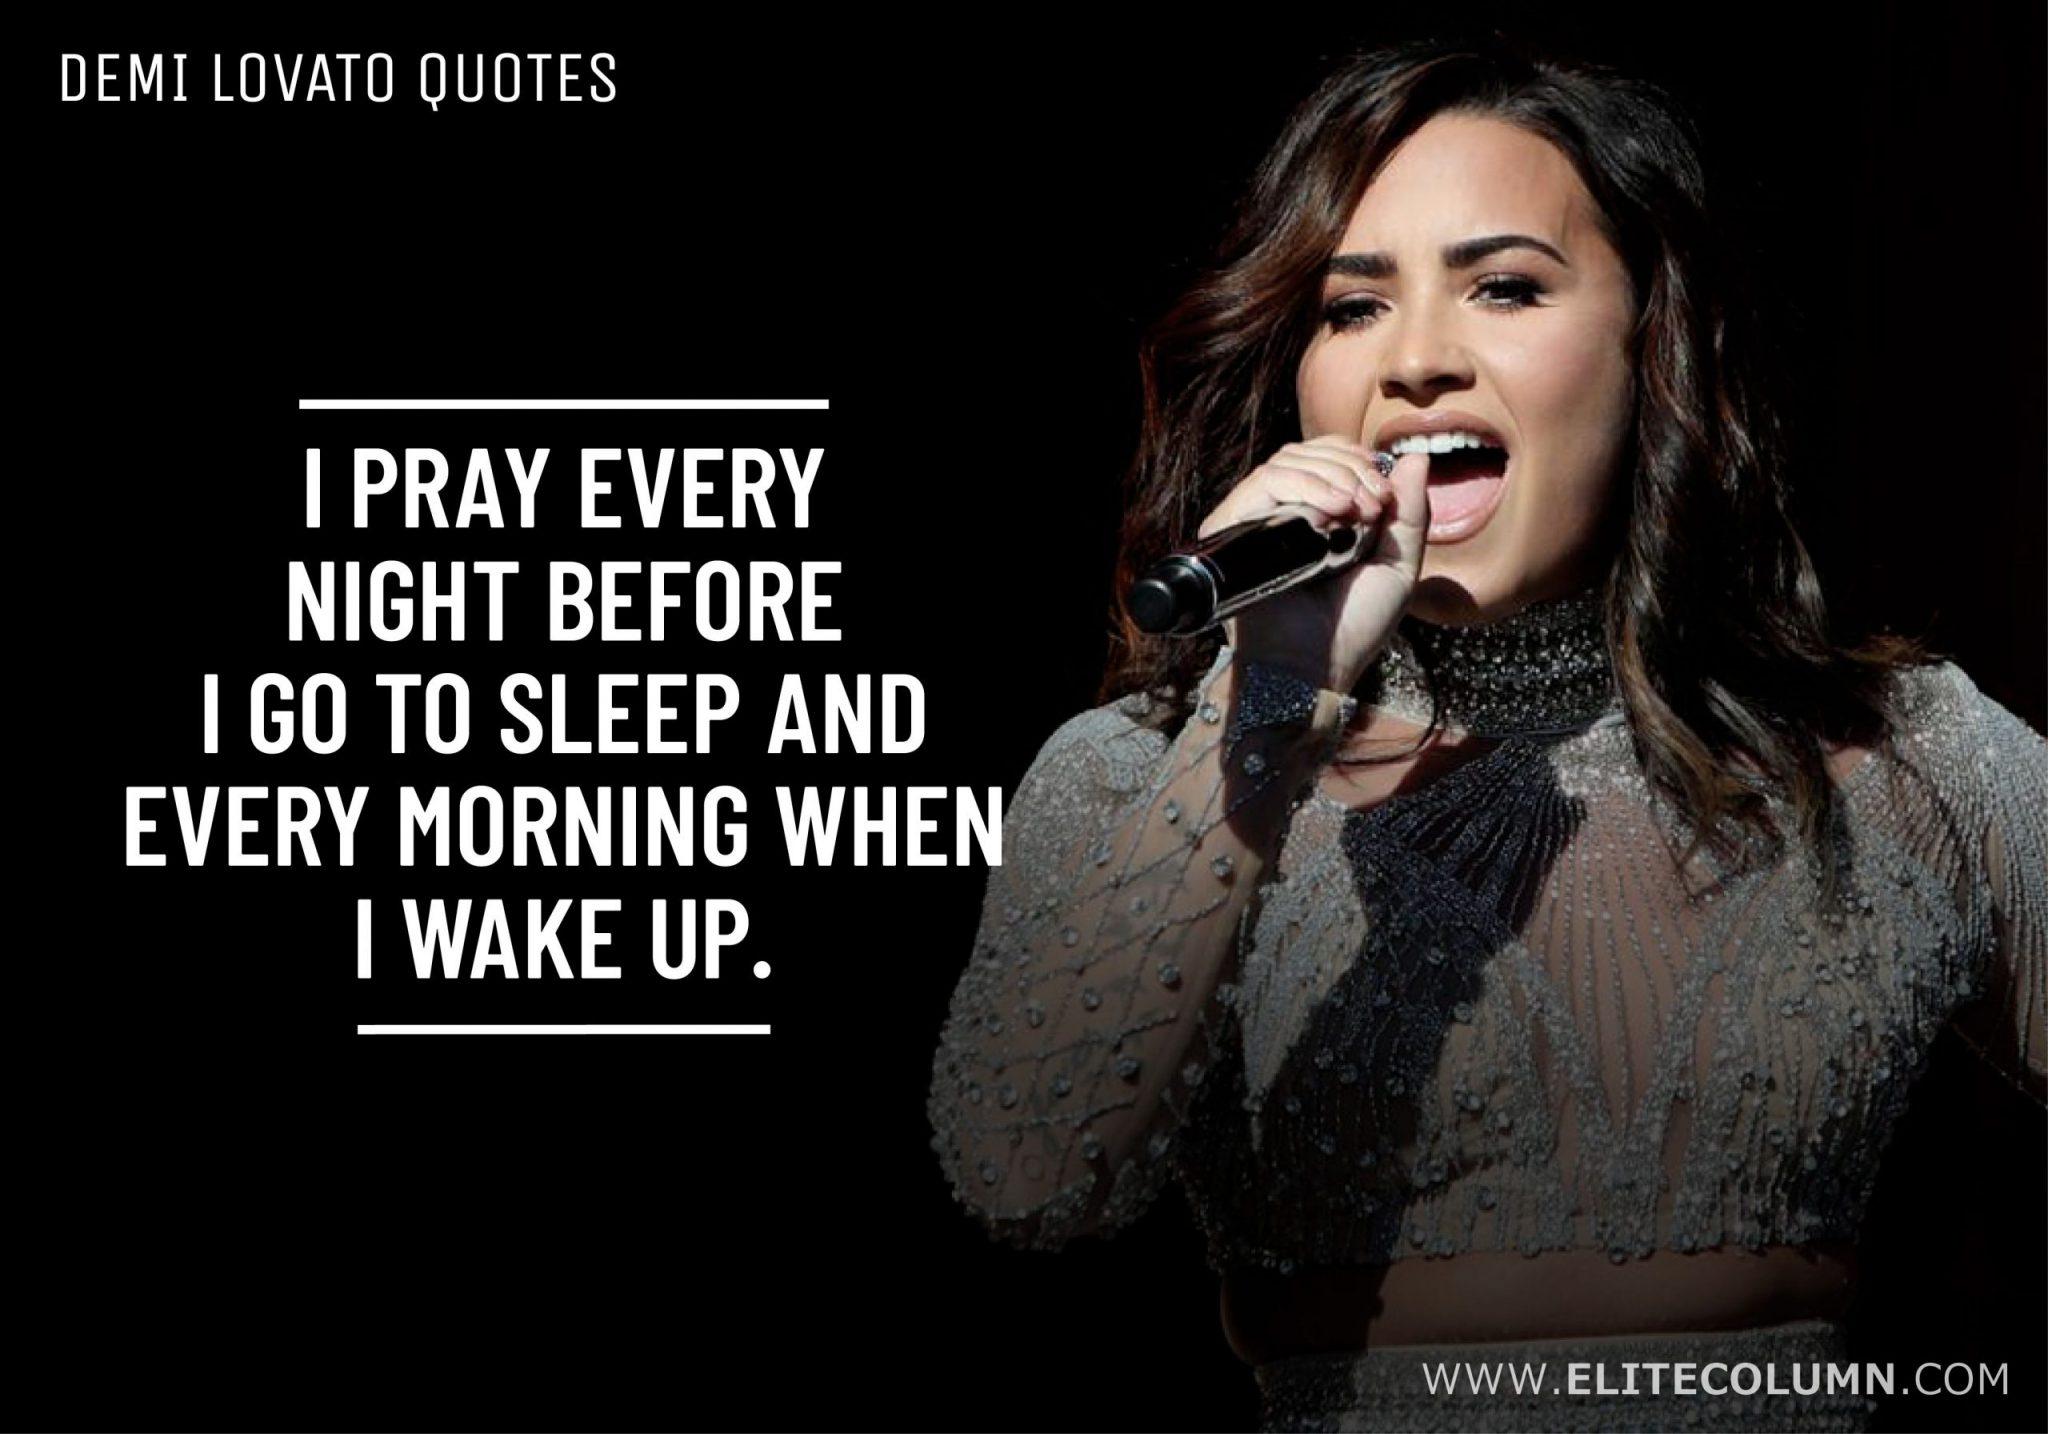 Demi Lovato Quotes (8)